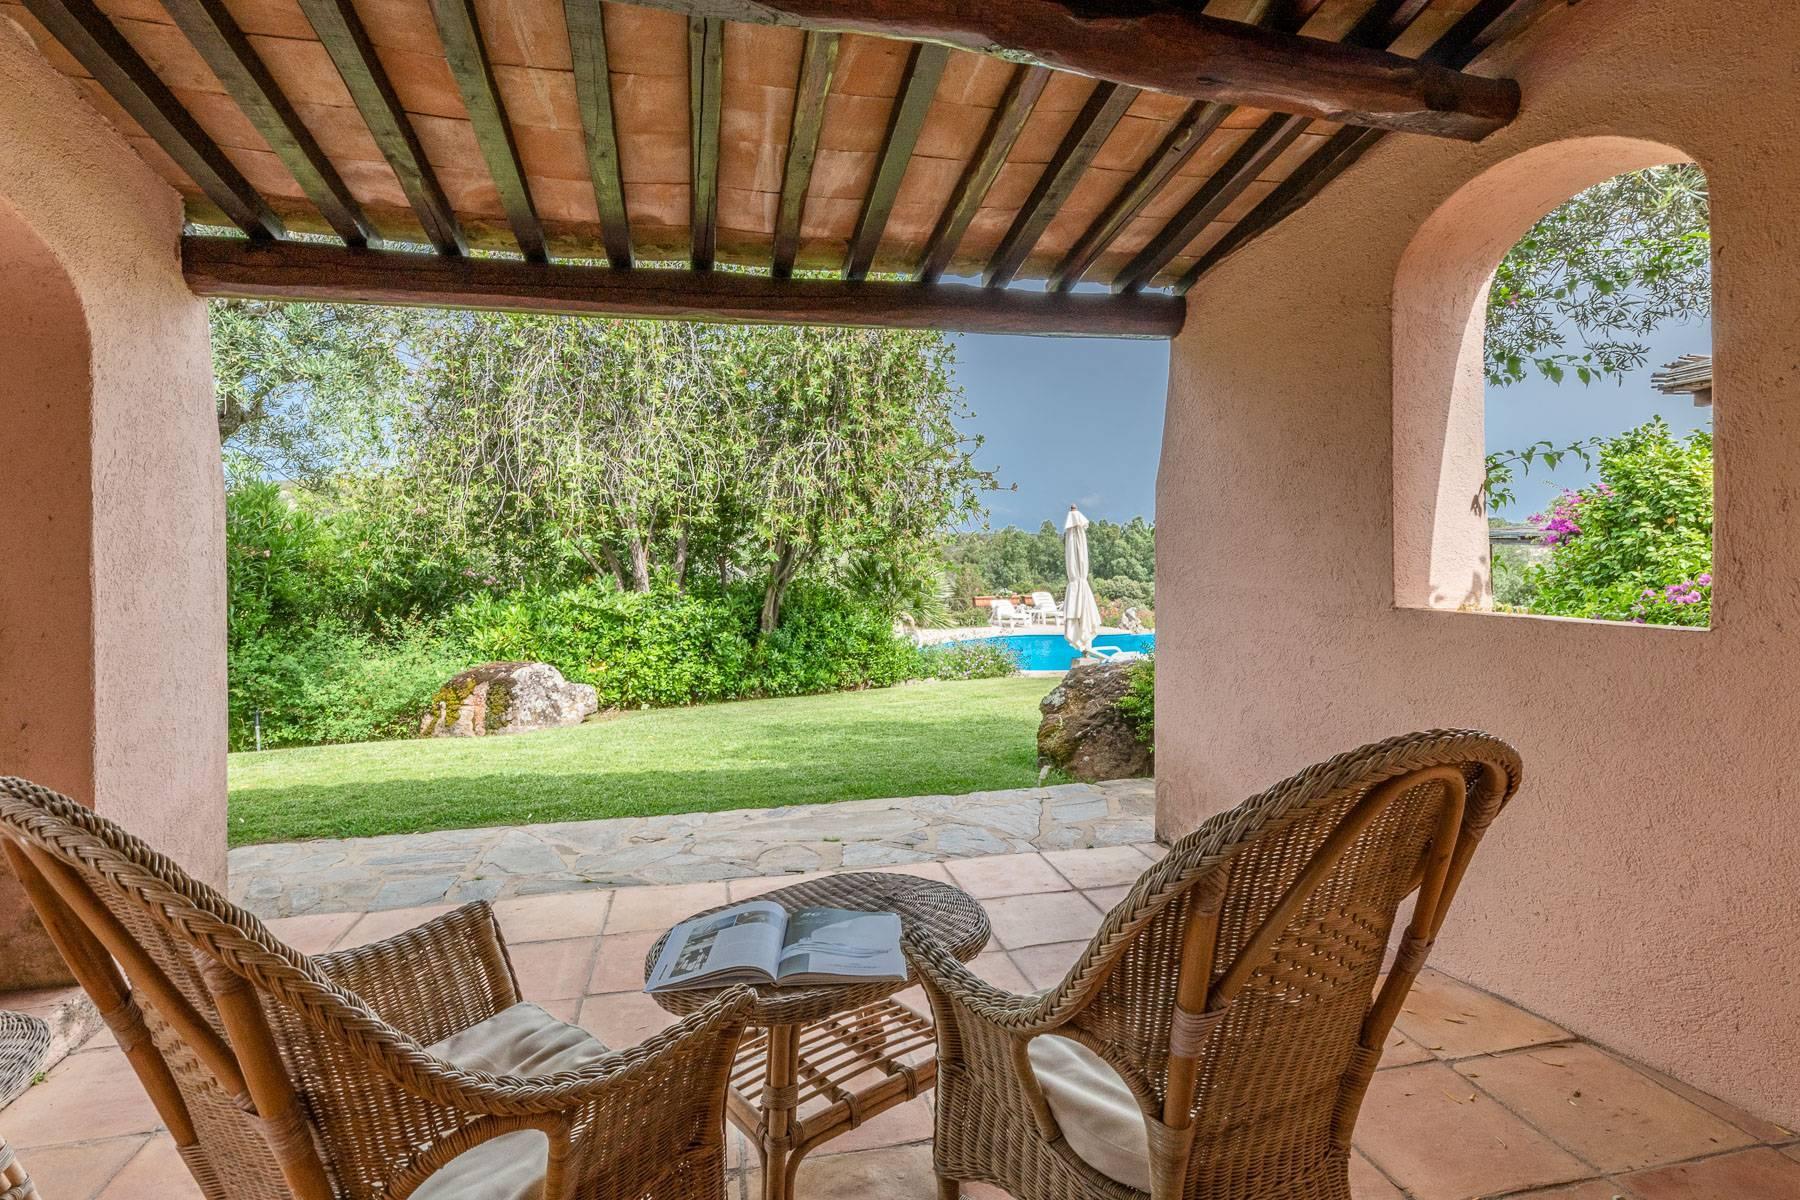 Bellissima villa indipendente con piscina a pochi passi dal Golf Club e Cala di Volpe - 29